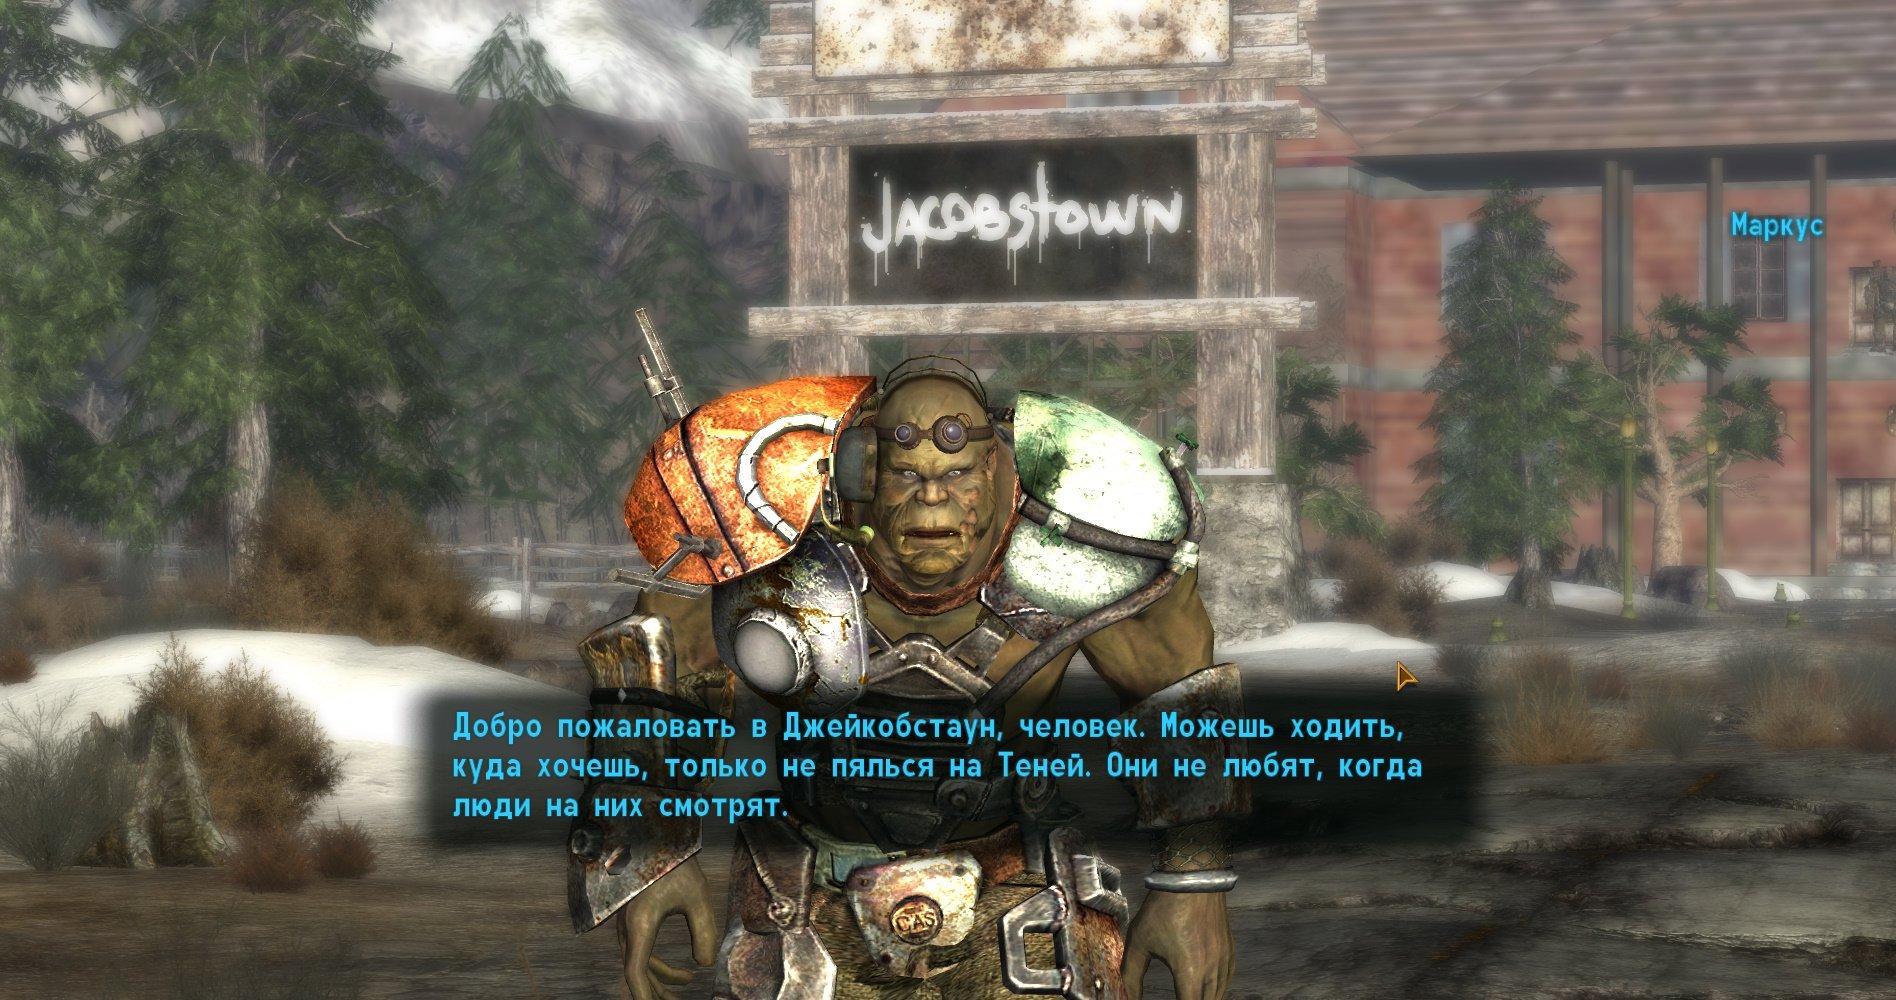 Сравнительный анализ (на самом деле нет) Fallout New Vegas vs. Fallout 4 (часть 1). - Изображение 14